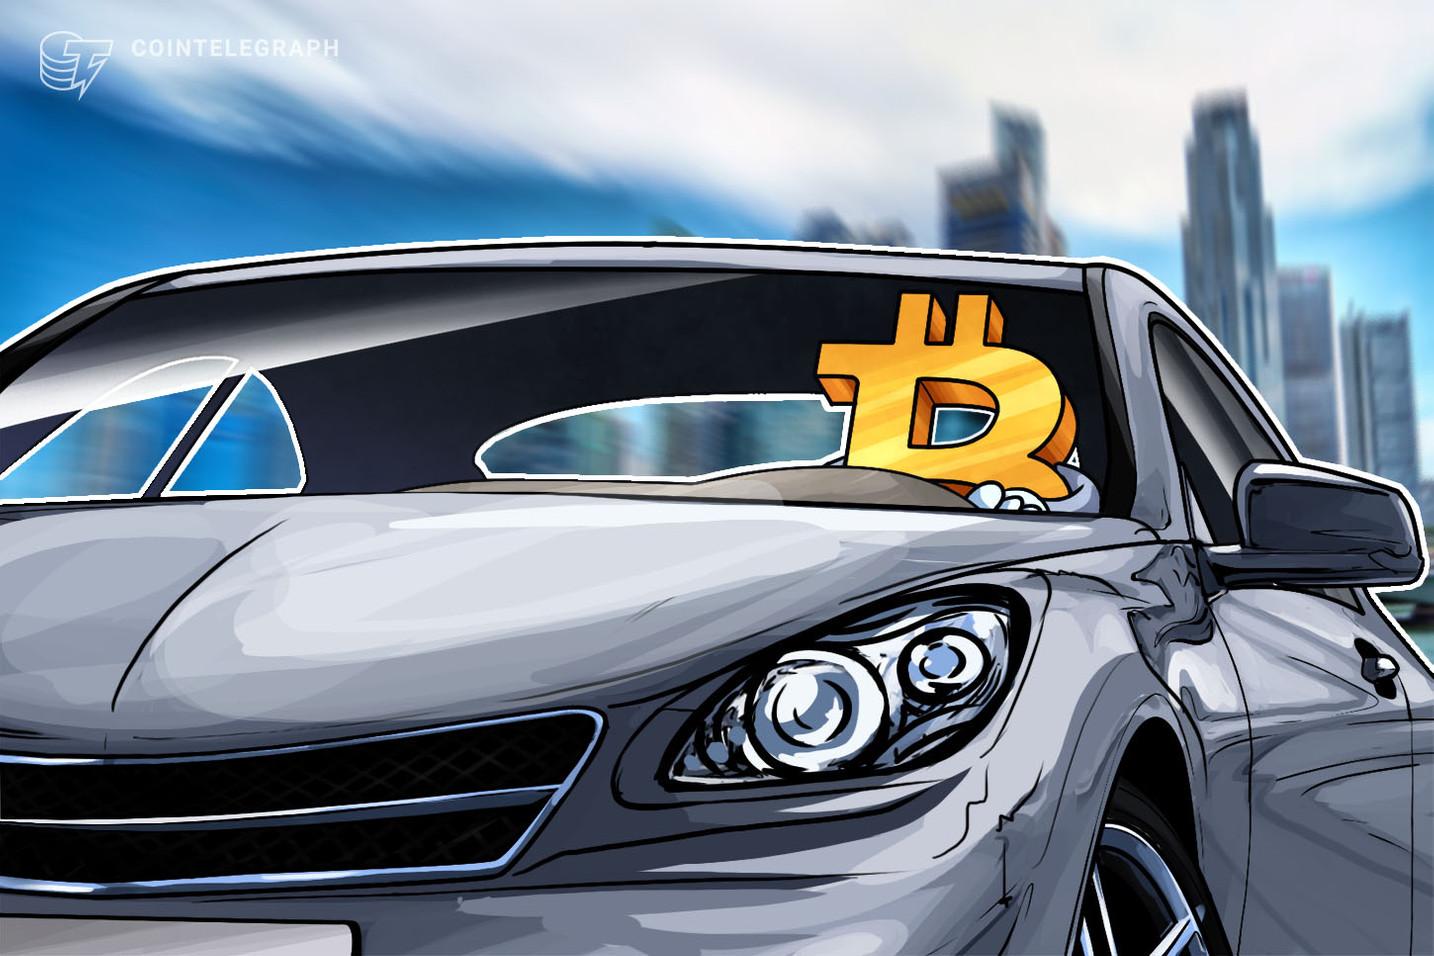 高級電気自動車メーカーのカルマ、仮想通貨ビットコインでの支払い受付を開始【ニュース】